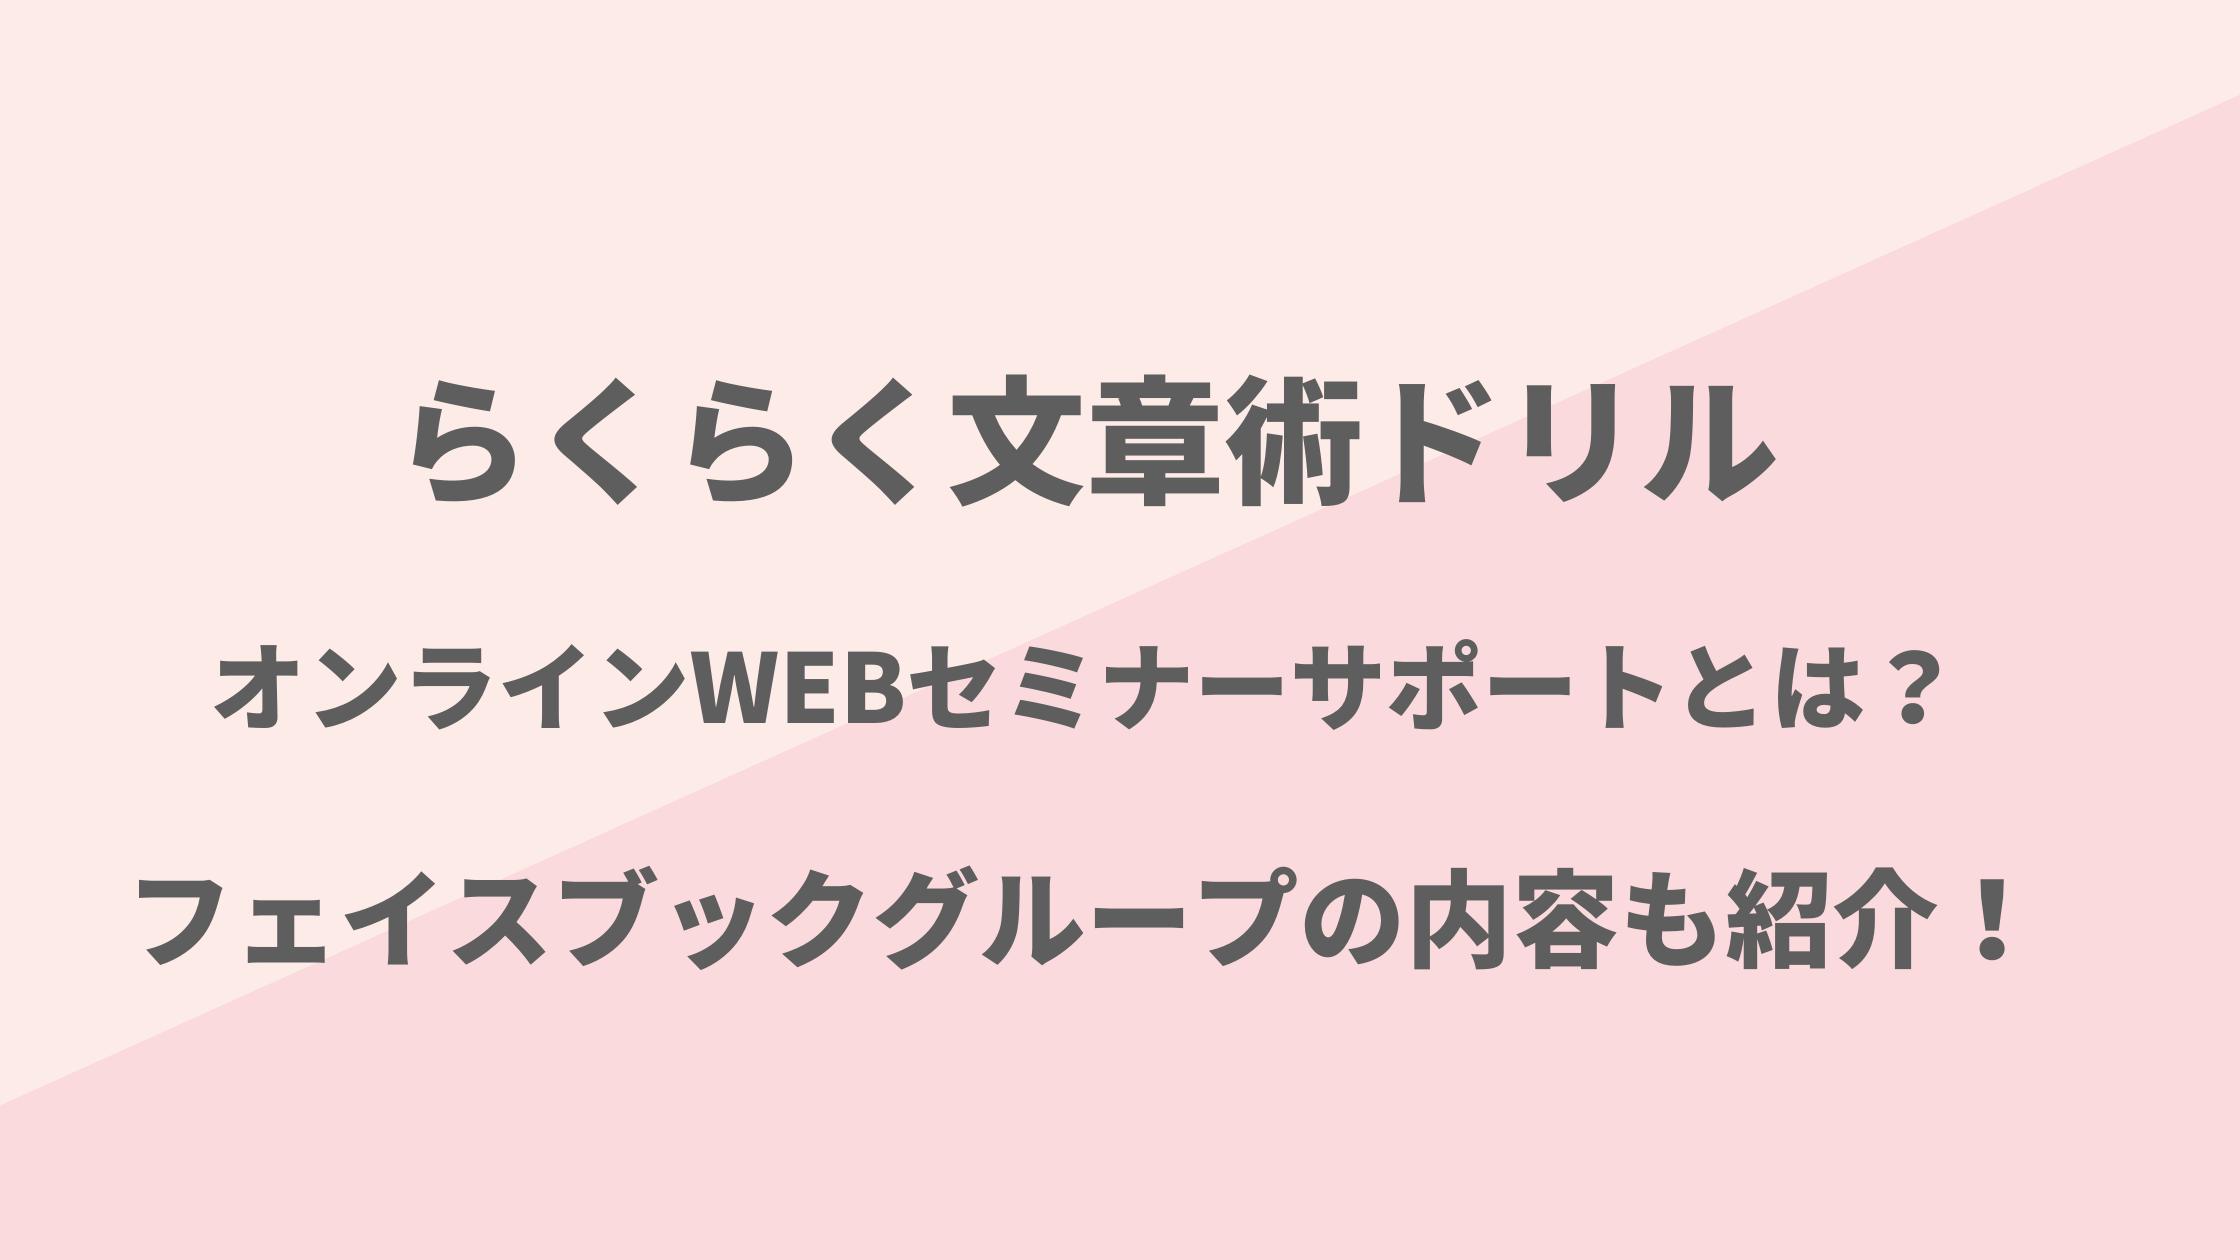 らくらく文章術ドリル オンラインWebセミナーサポートとは? フェイスブックグループの内容も紹介!